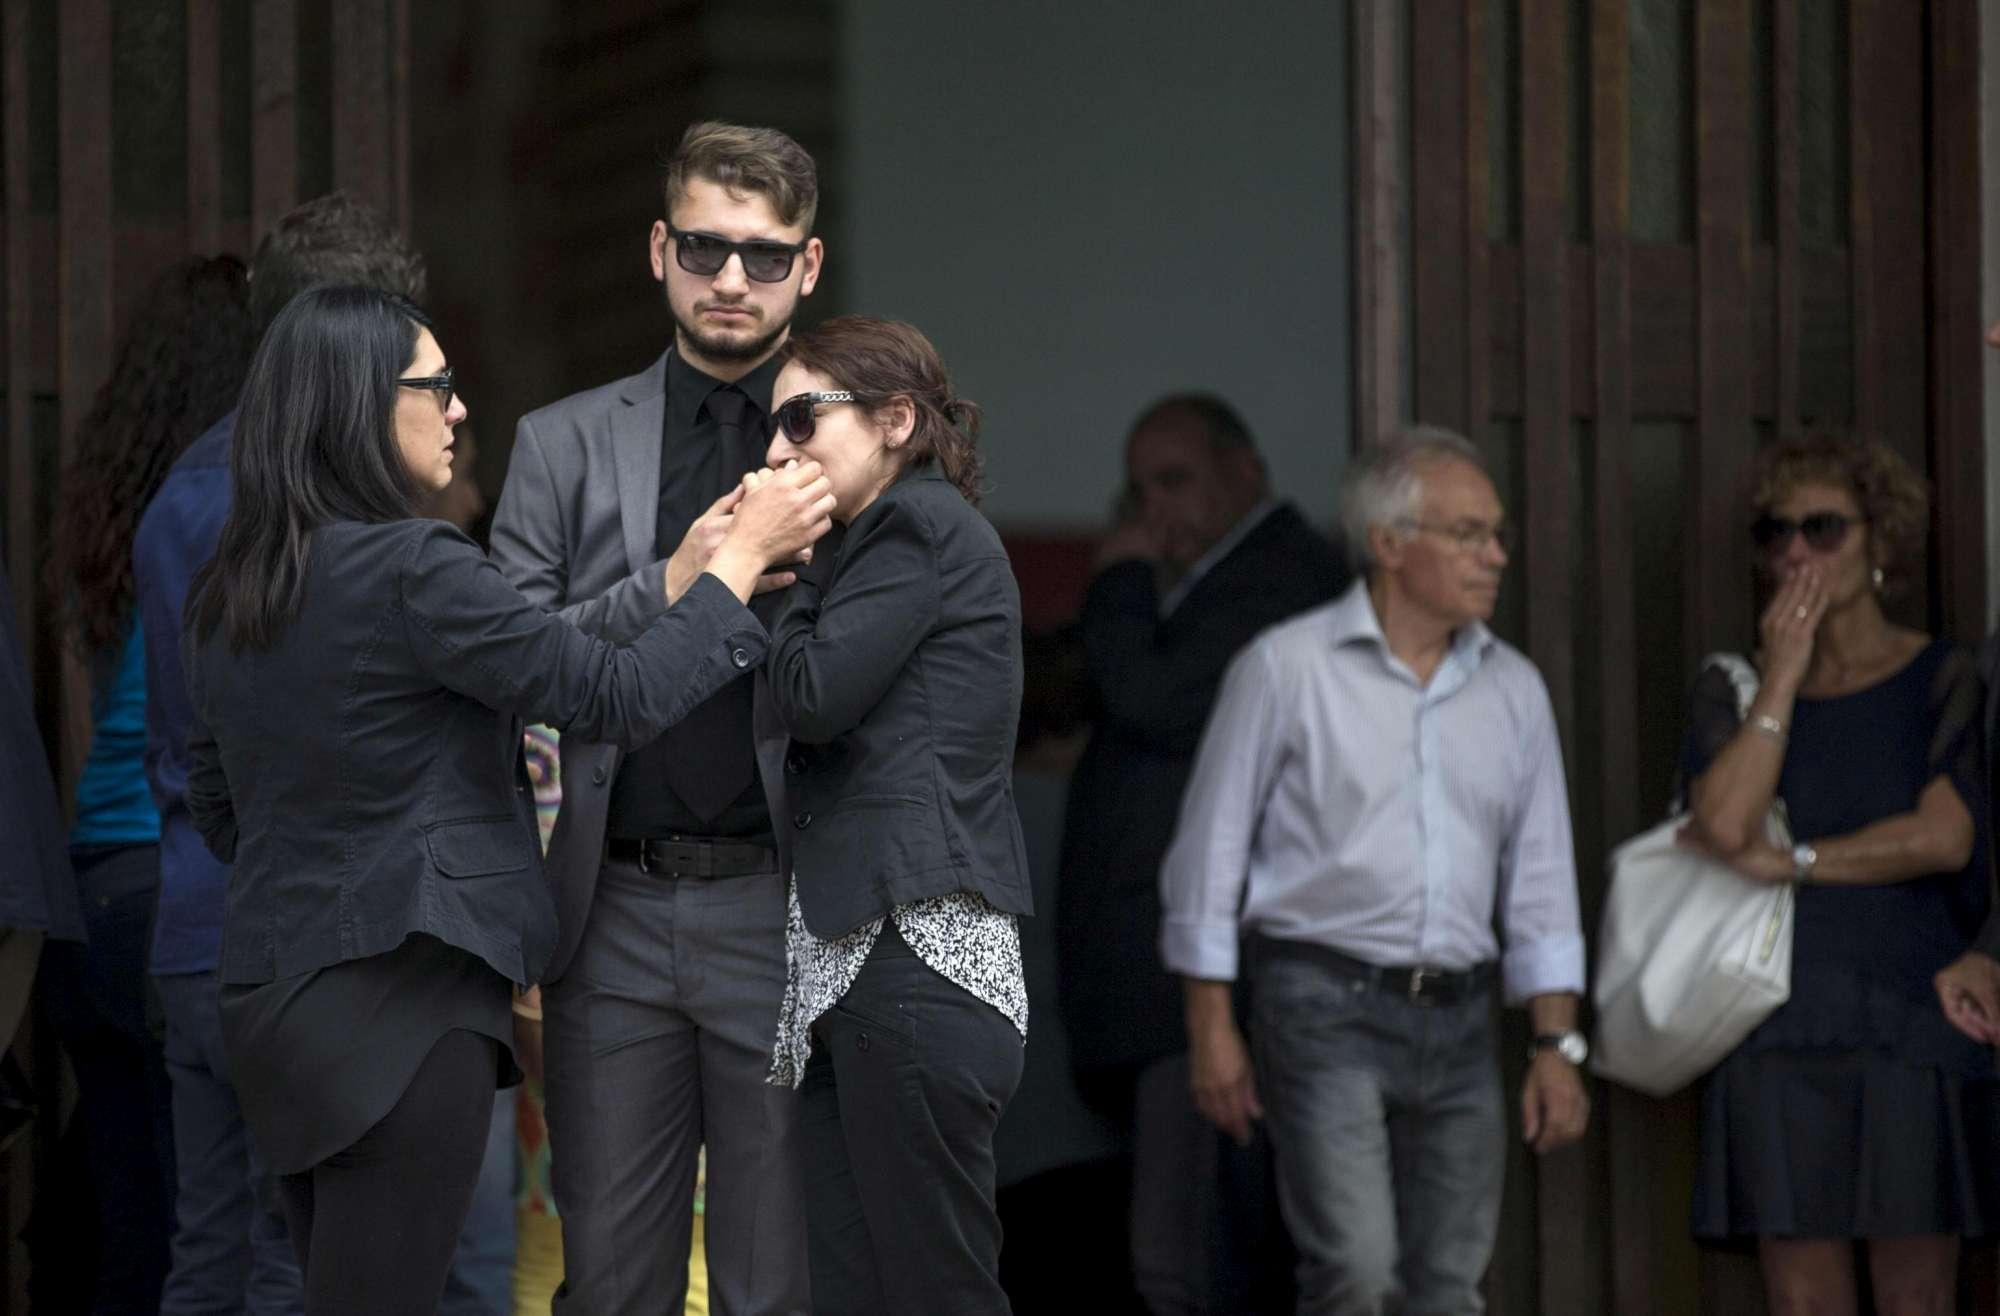 Ragazza uccisa a Roma: madre ai funerali, voglio giustizia